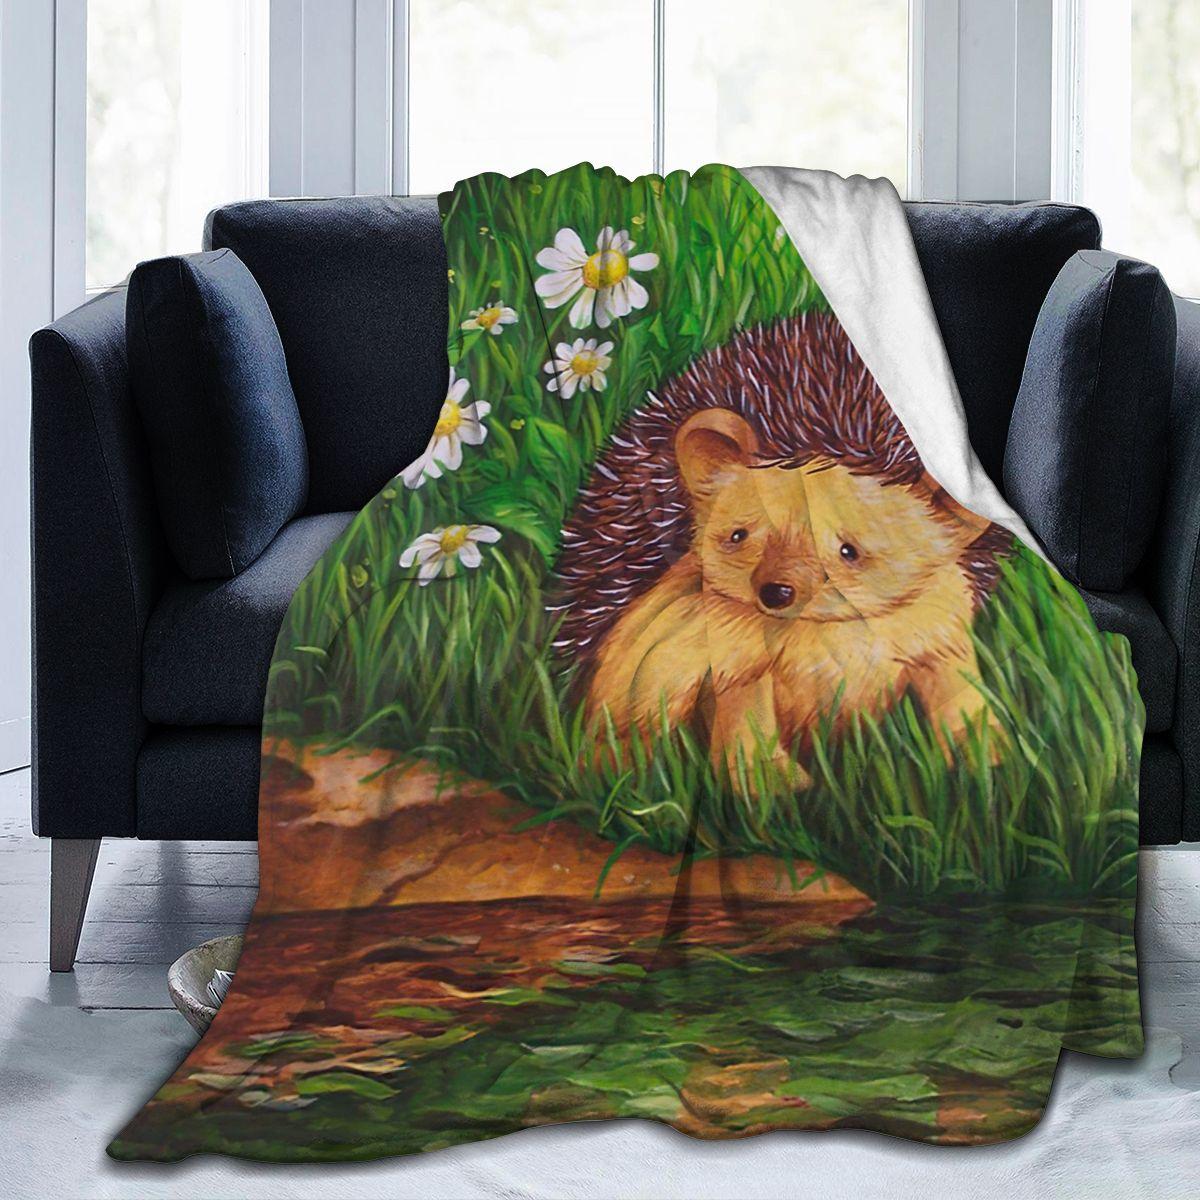 الترا لينة أريكة غطاء بطانية بطانية الفراش الكرتون الكرتون الفانيلا plied أريكة ديكور غرفة نوم للأطفال والكبار 4405040